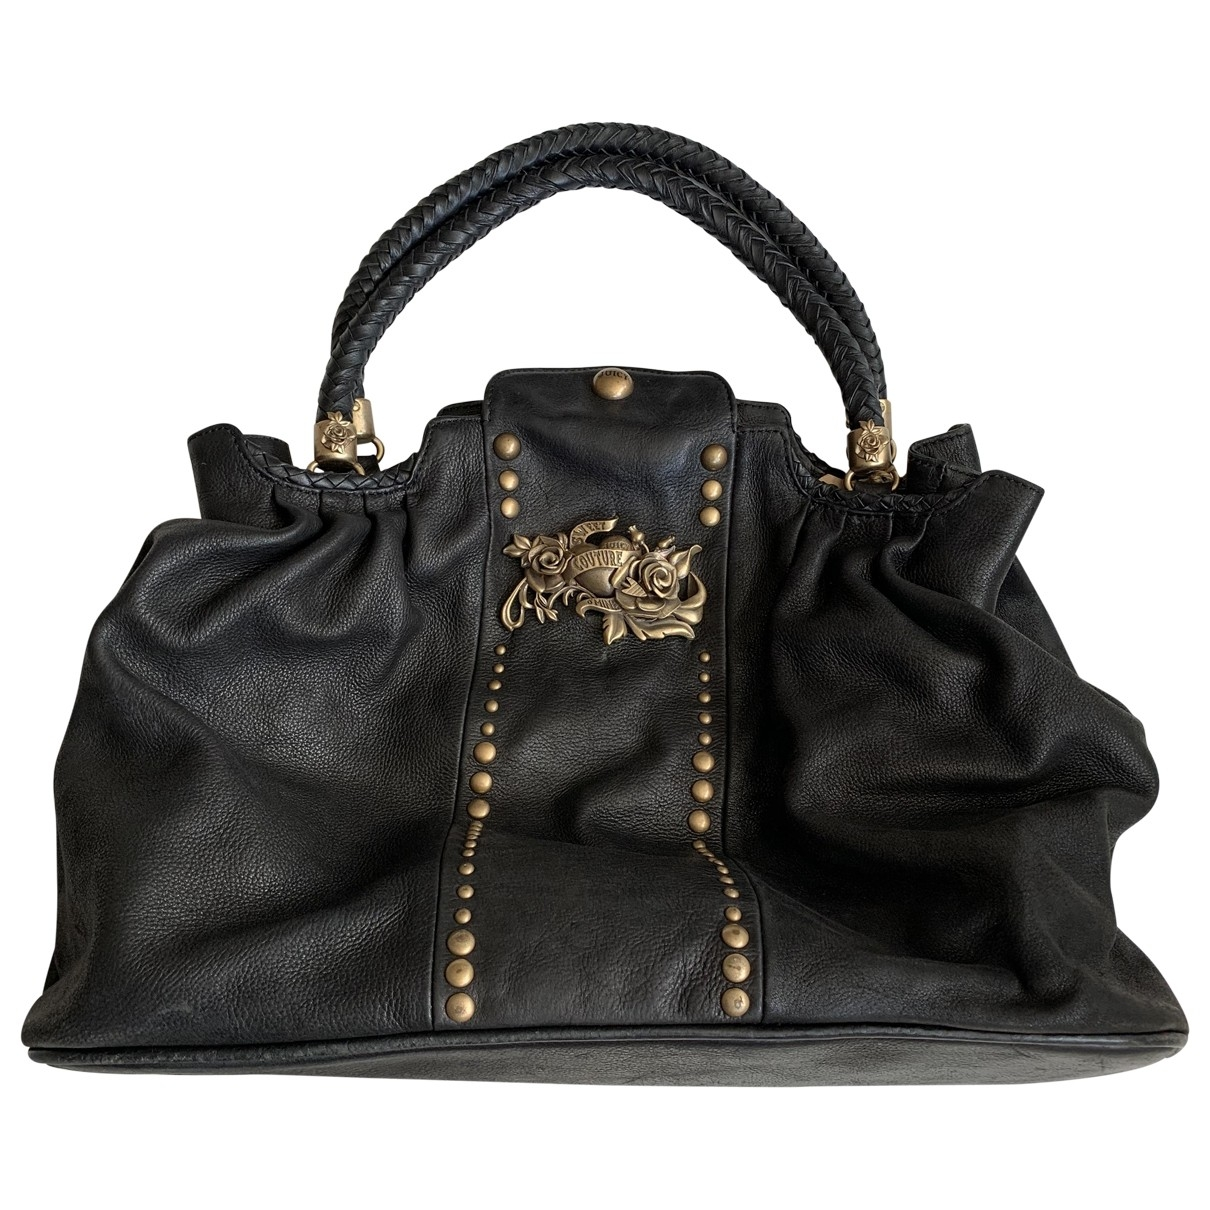 Juicy Couture \N Black Leather handbag for Women \N